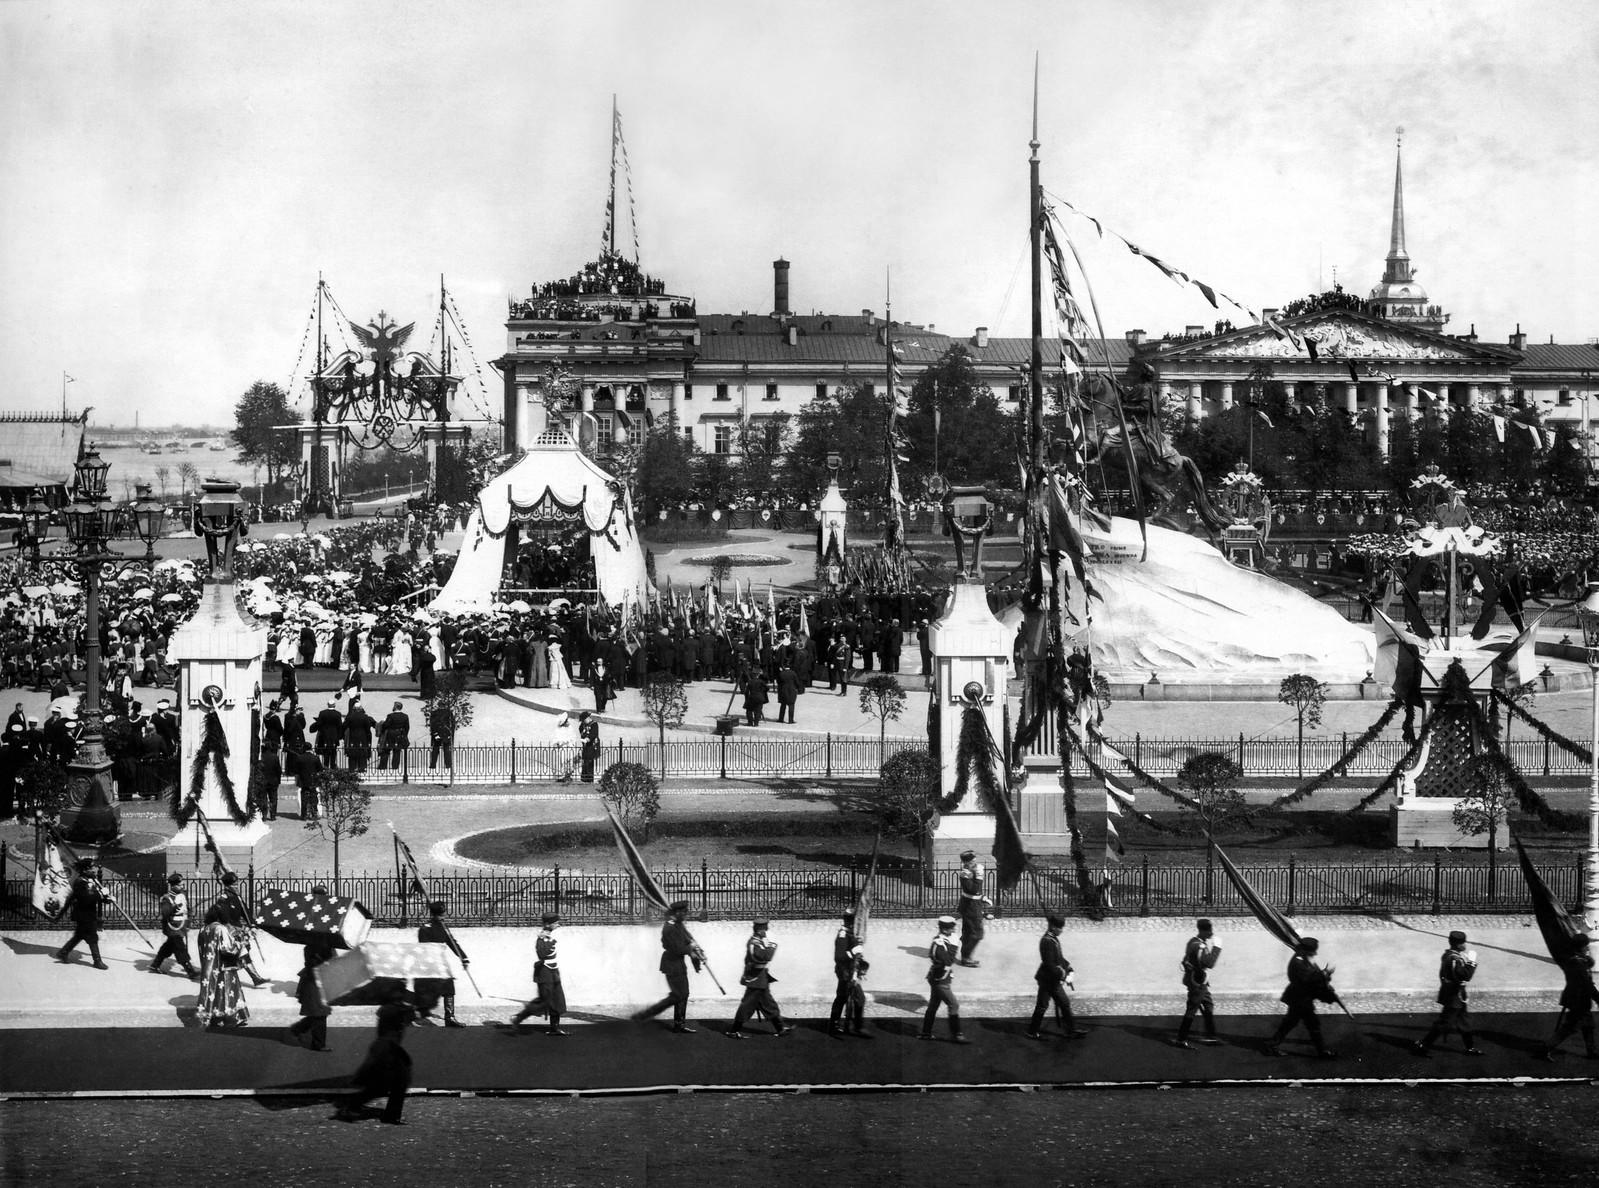 Крестный ход в день празднования 200-летия Санкт-Петербурга. Площадь Петра Первого. 1903